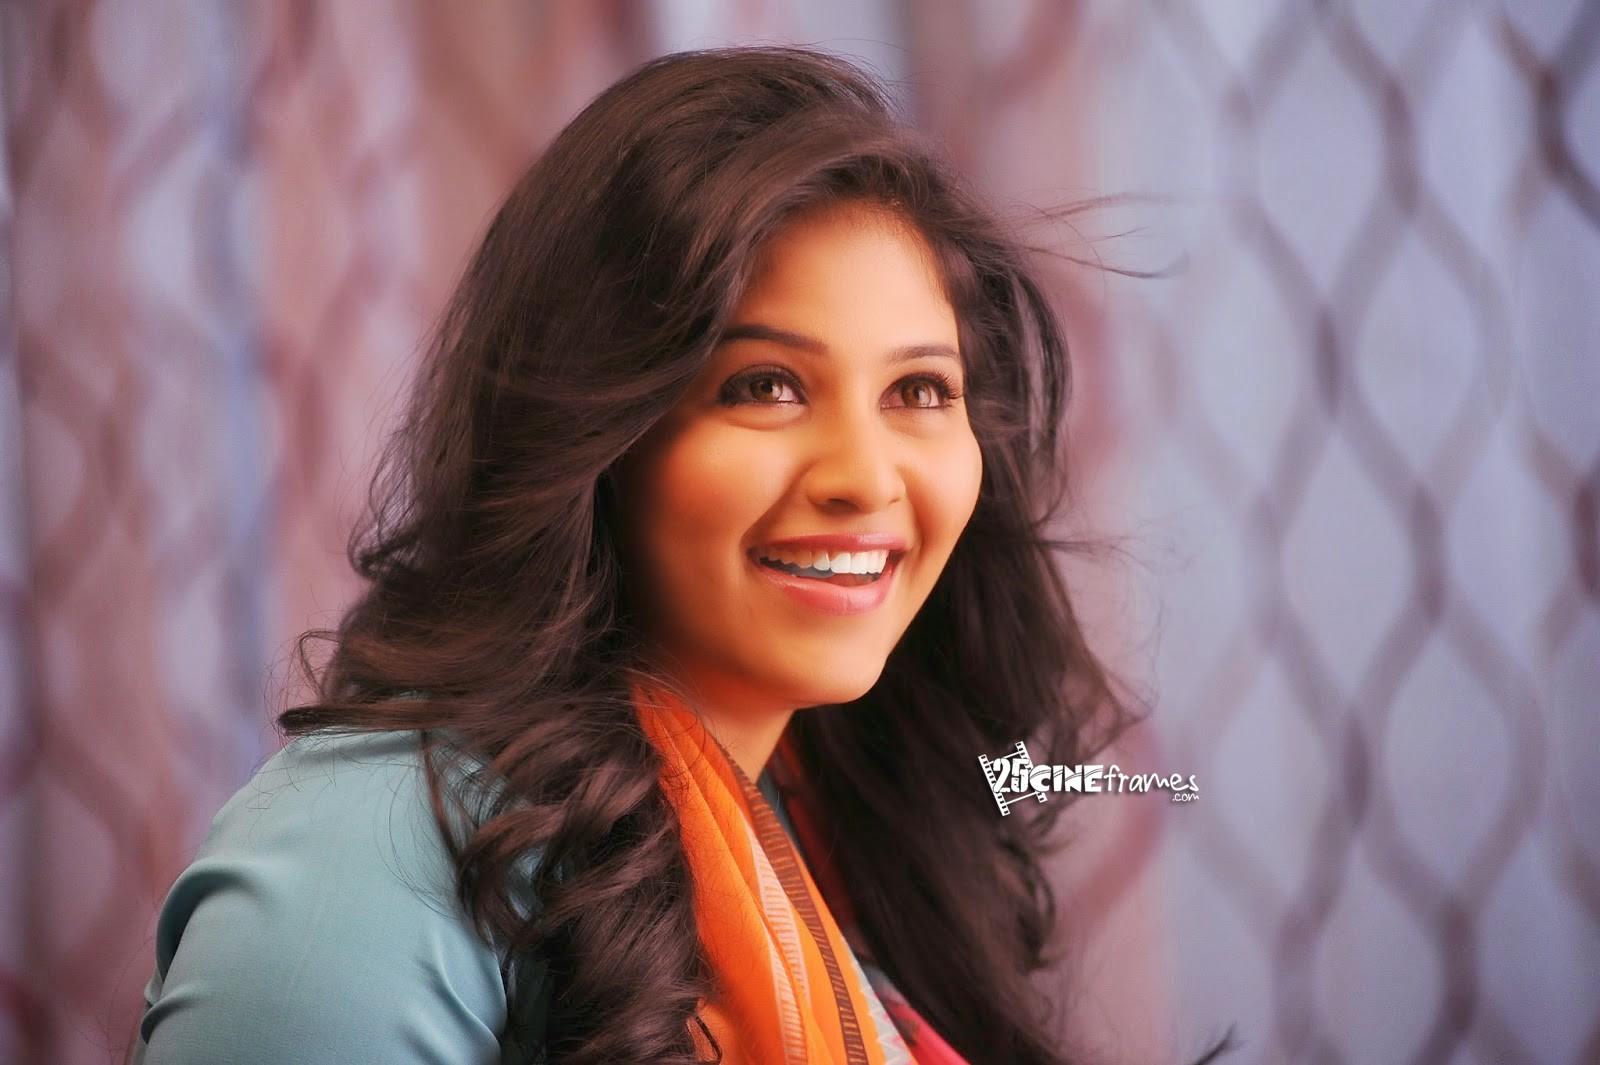 Actor Anjali Photos: Anjali Latest Ultra HD Photos Stills From Geethanjali